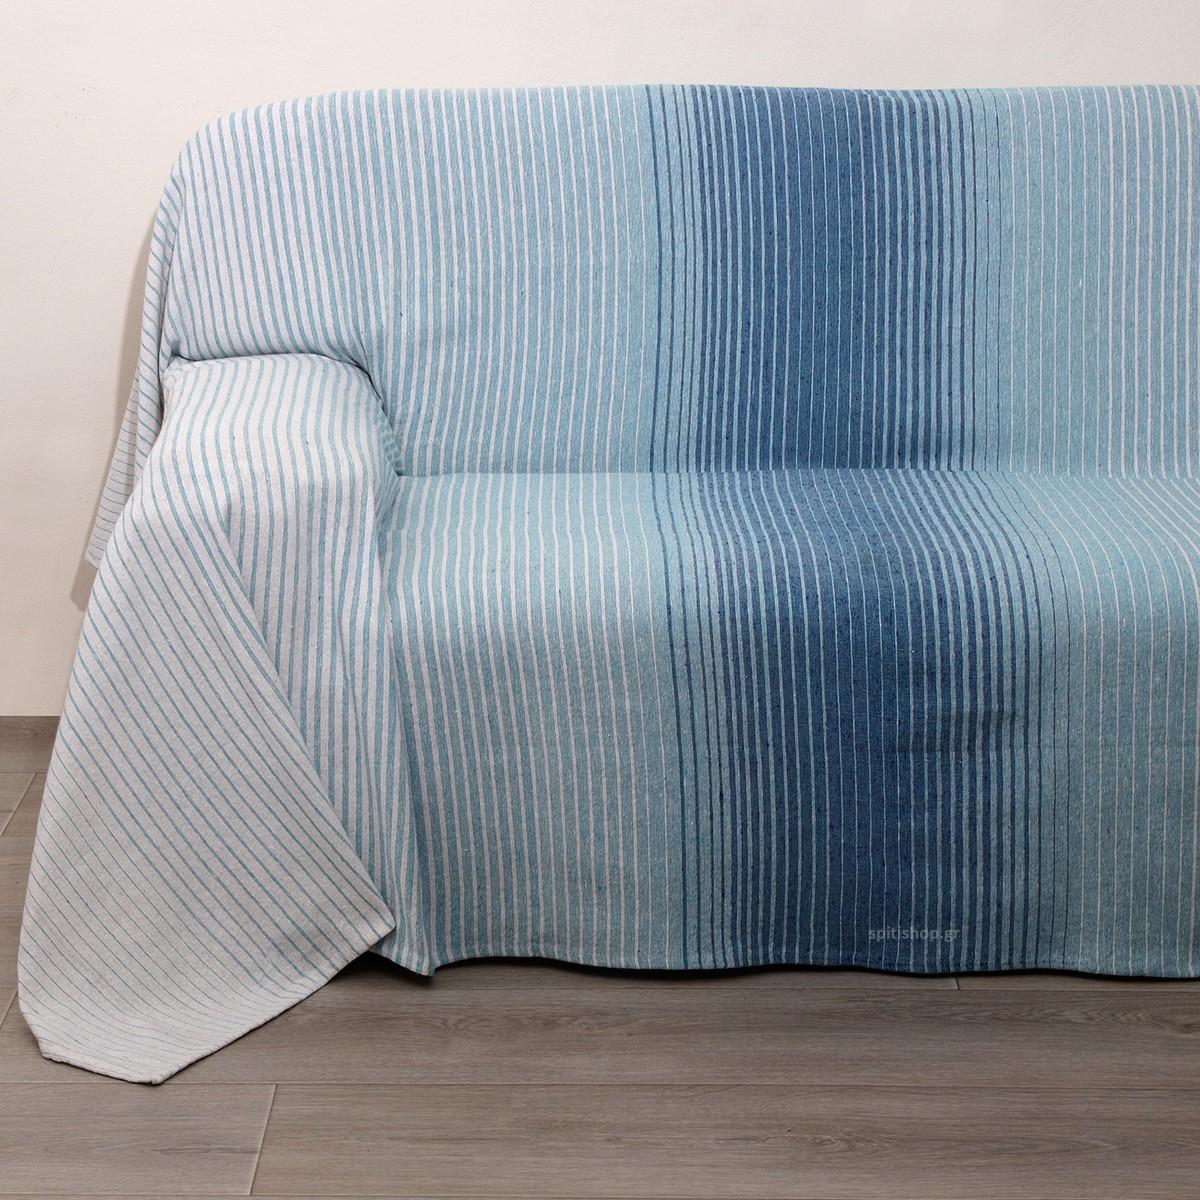 Ριχτάρια (Σετ 3τμχ) Viopros 1965 Μπλε